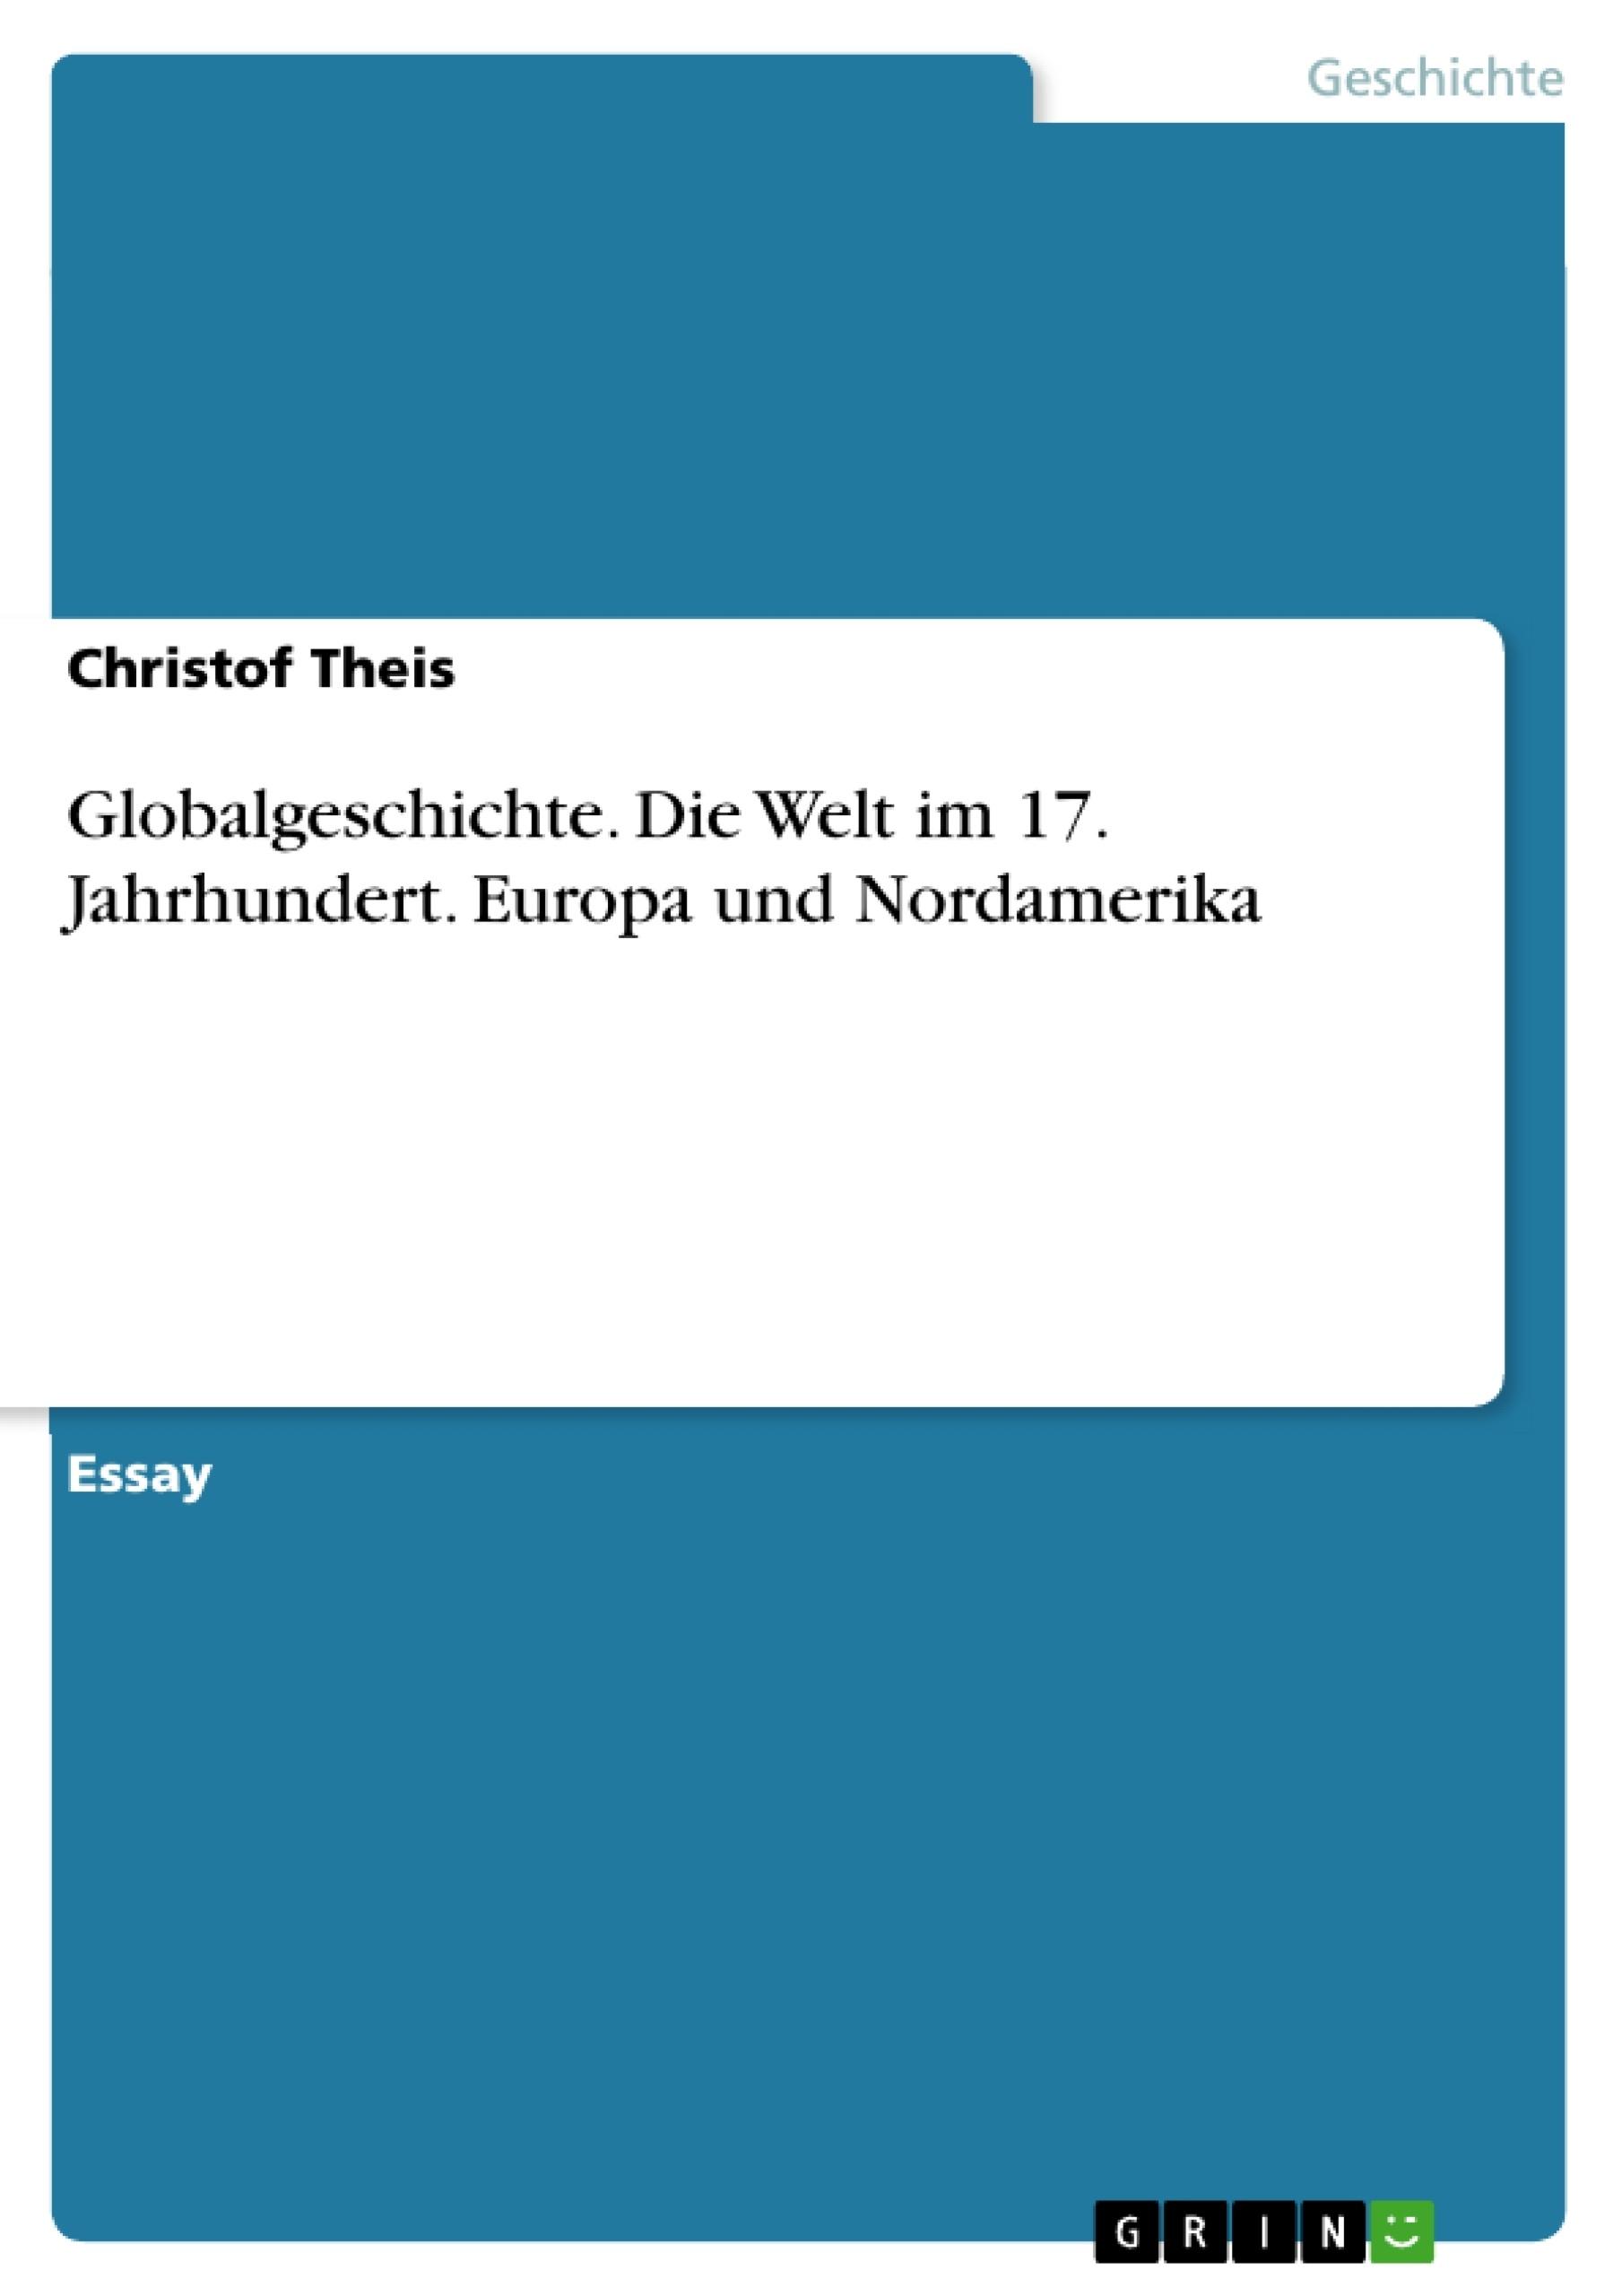 Titel: Globalgeschichte. Die Welt im 17. Jahrhundert. Europa und Nordamerika